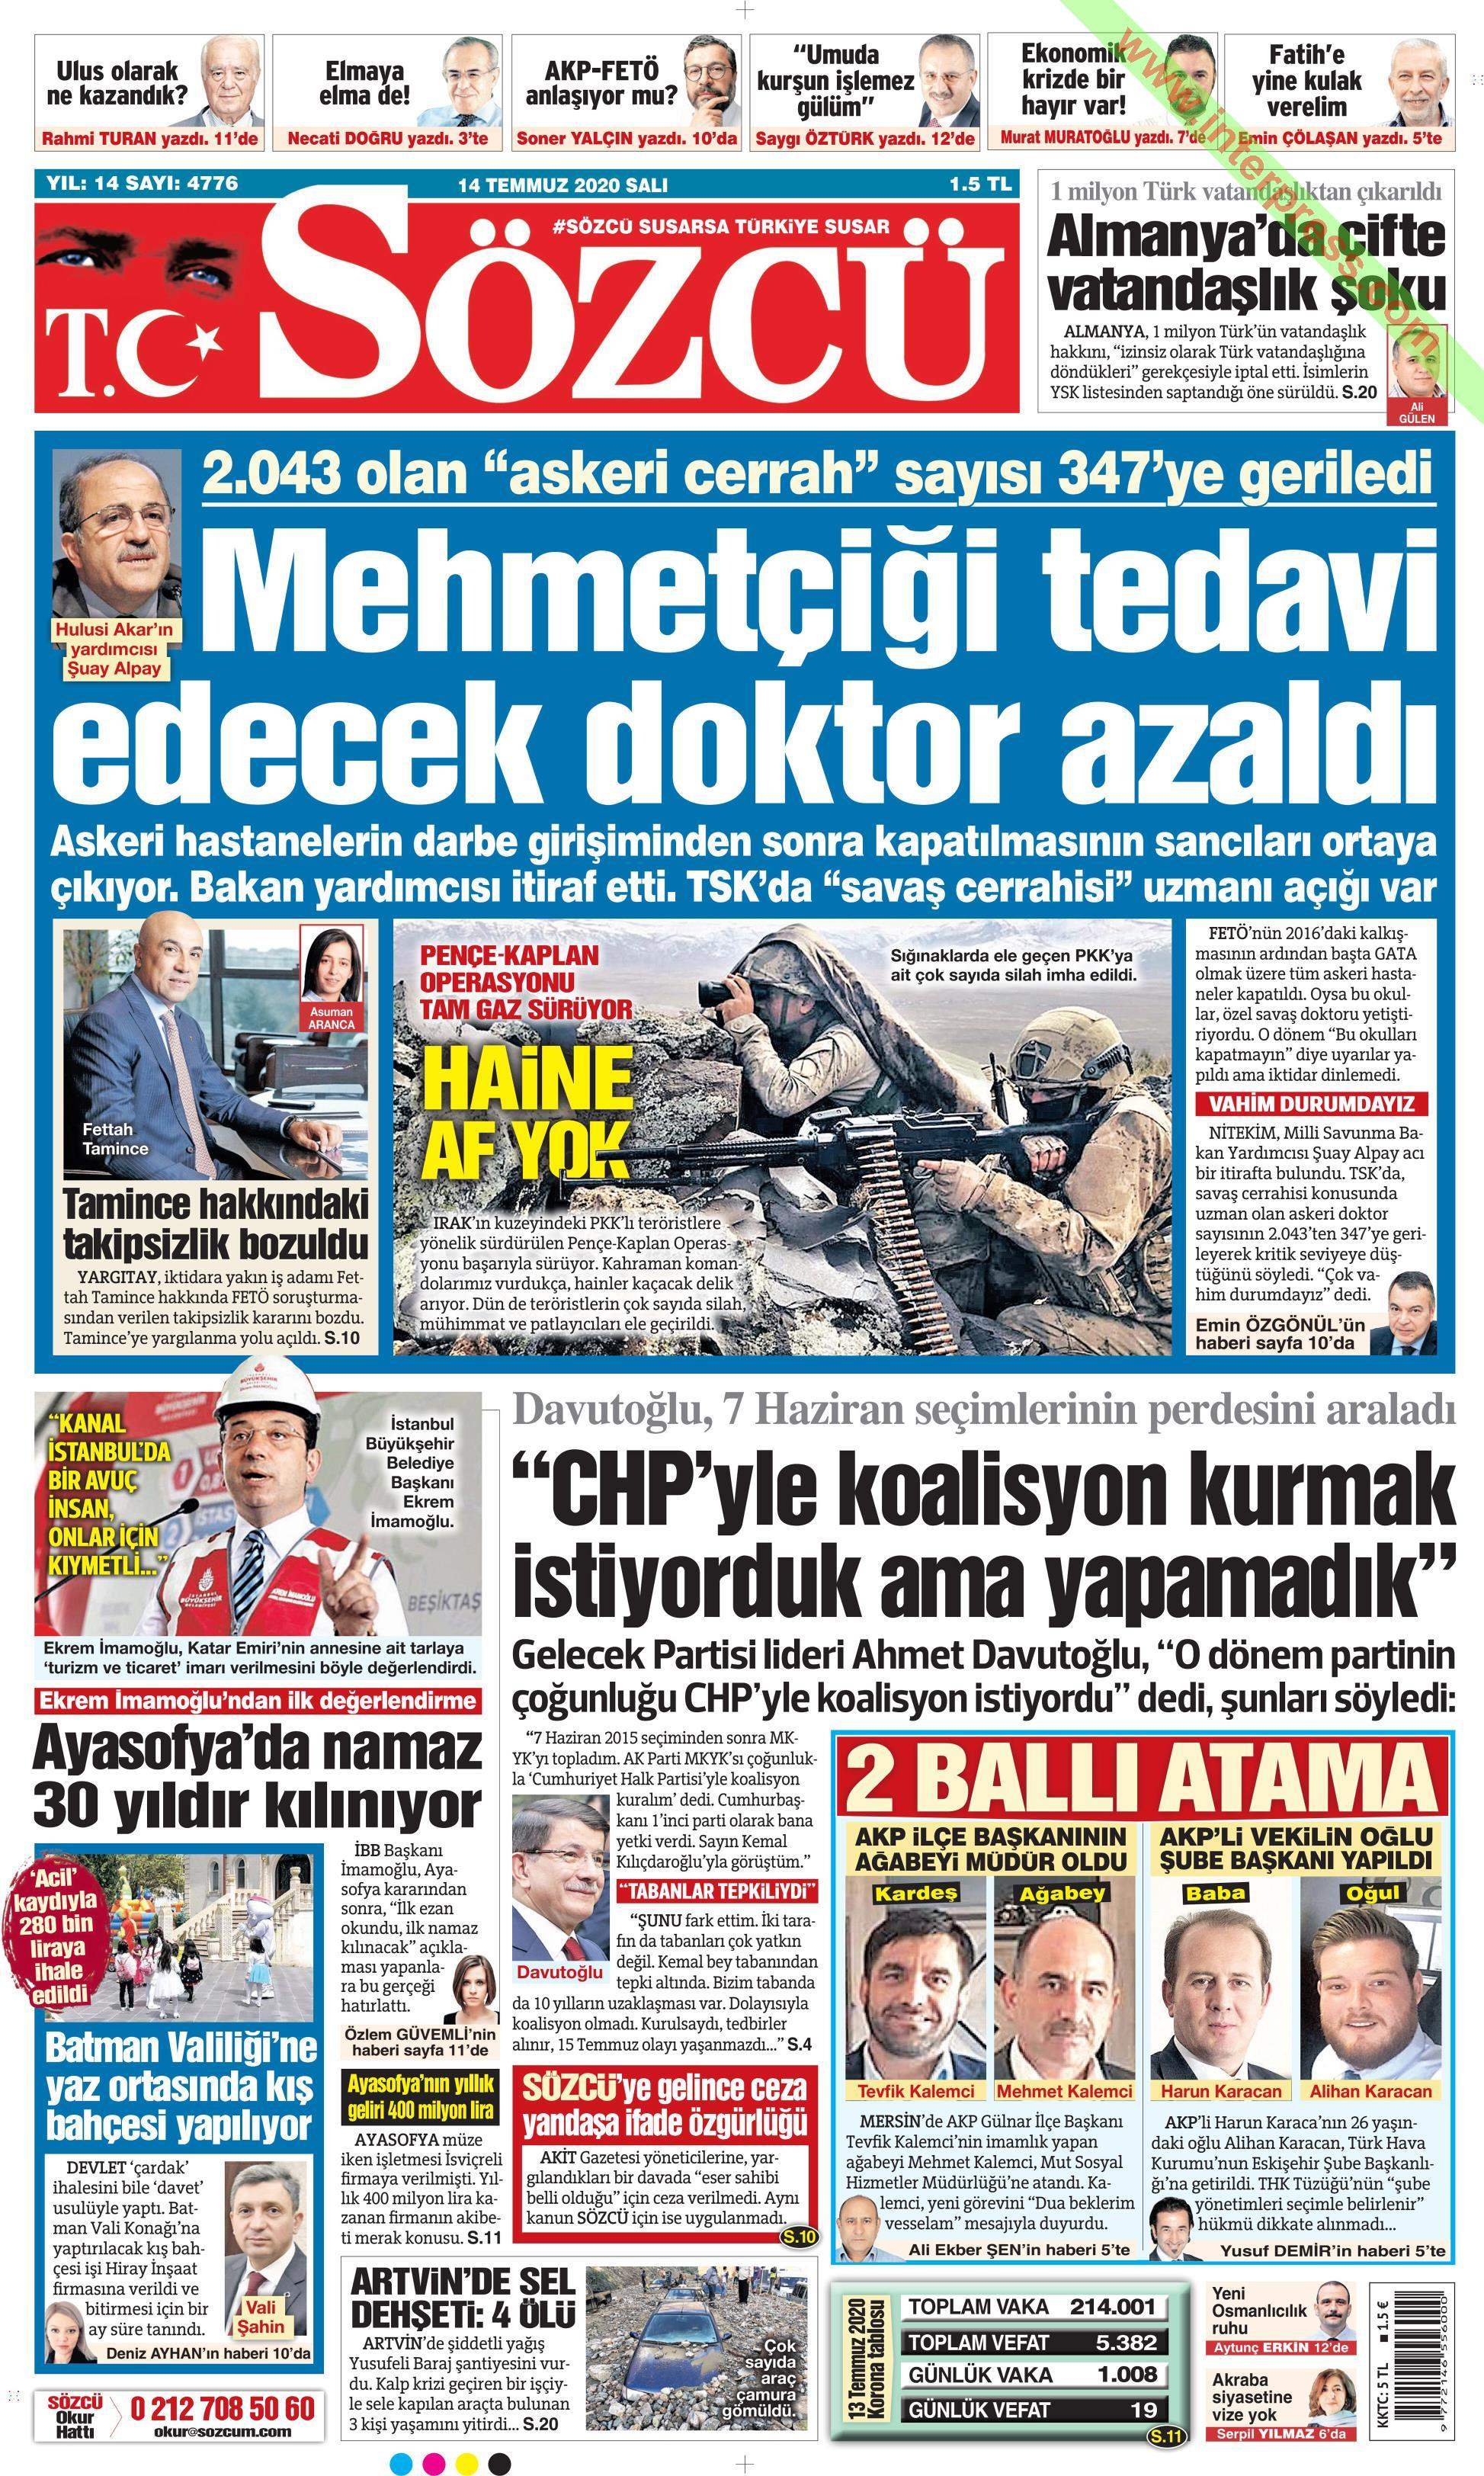 Sözcü gazetesi manşet ilk sayfa oku